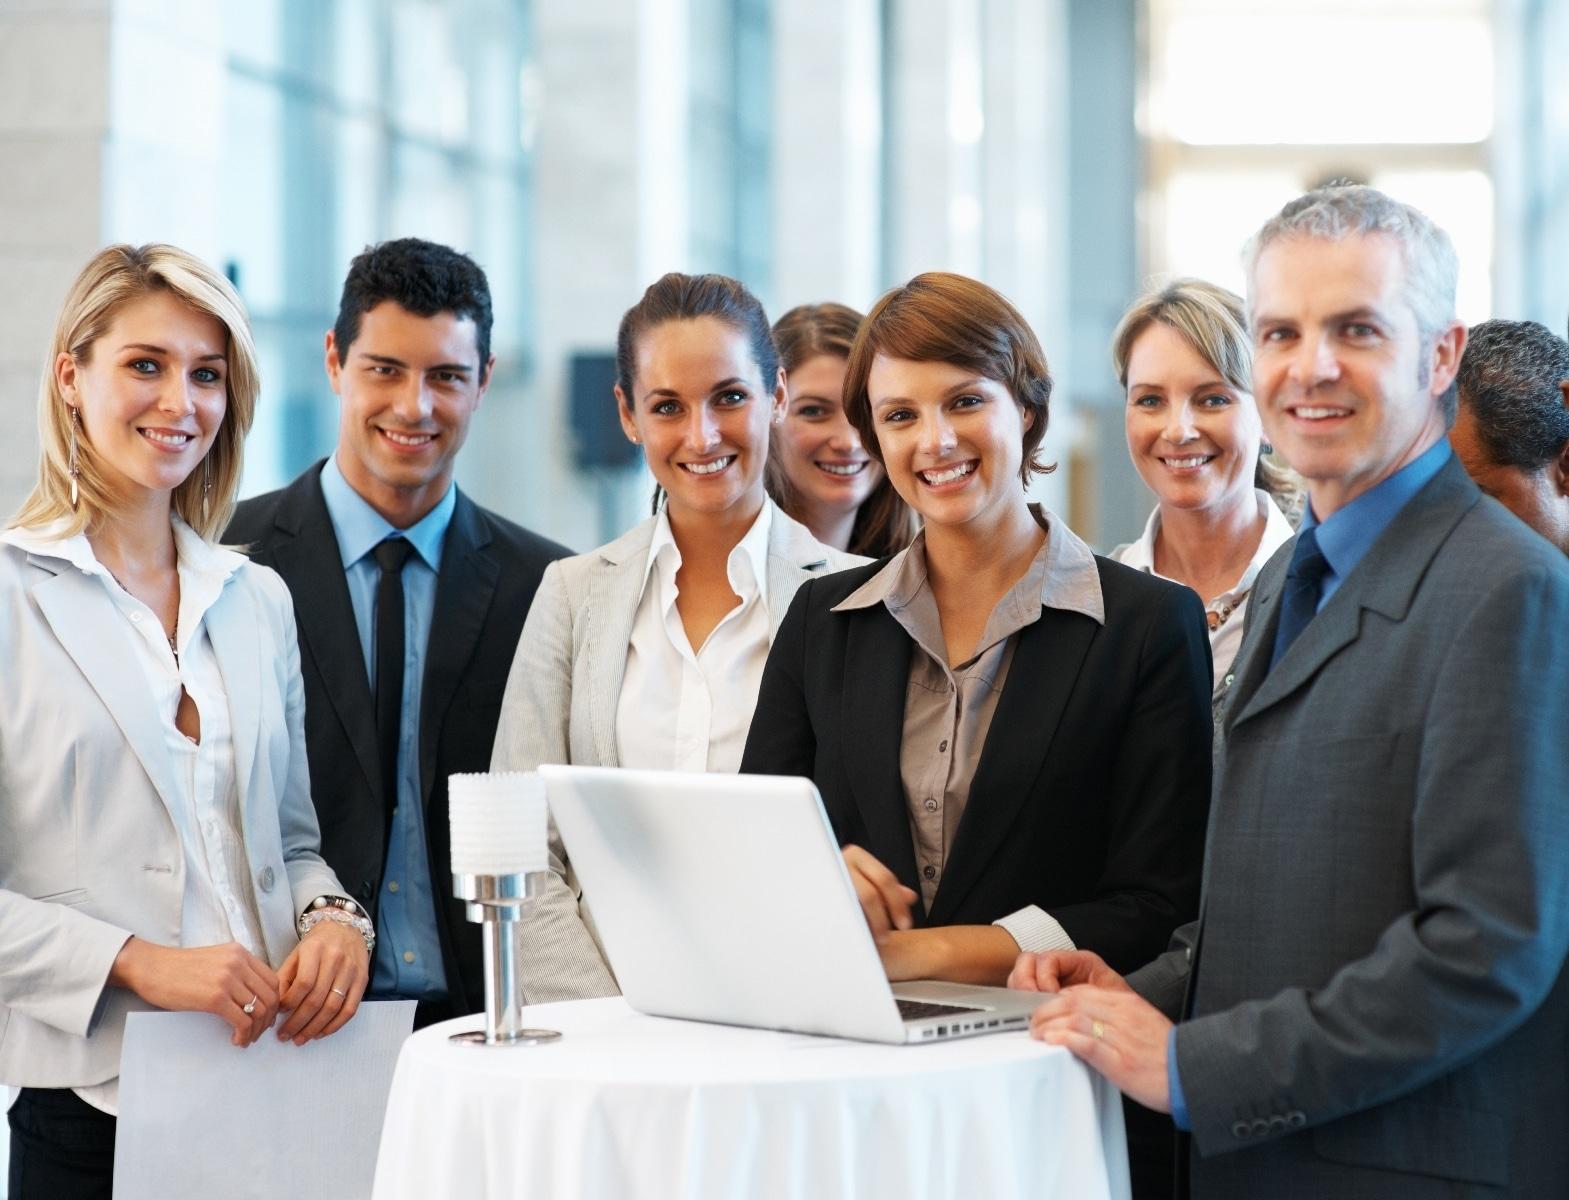 ответами картинки по бизнесу с людьми поворотом